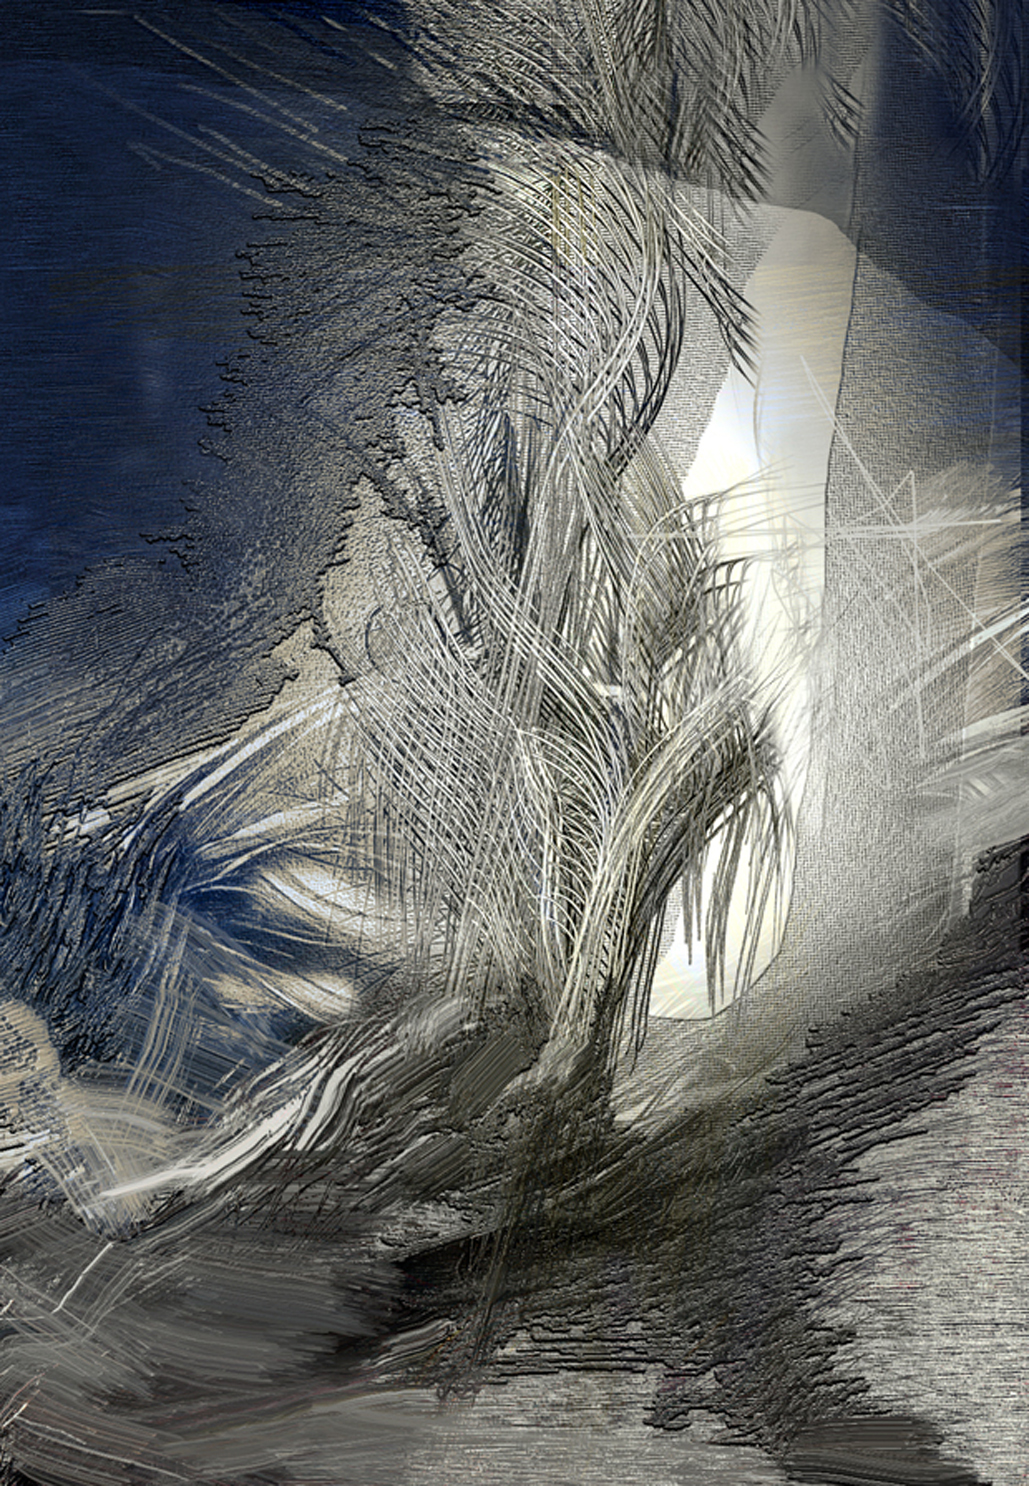 wiatr 1, Błękitna linia , 56x39, 2001.jpg